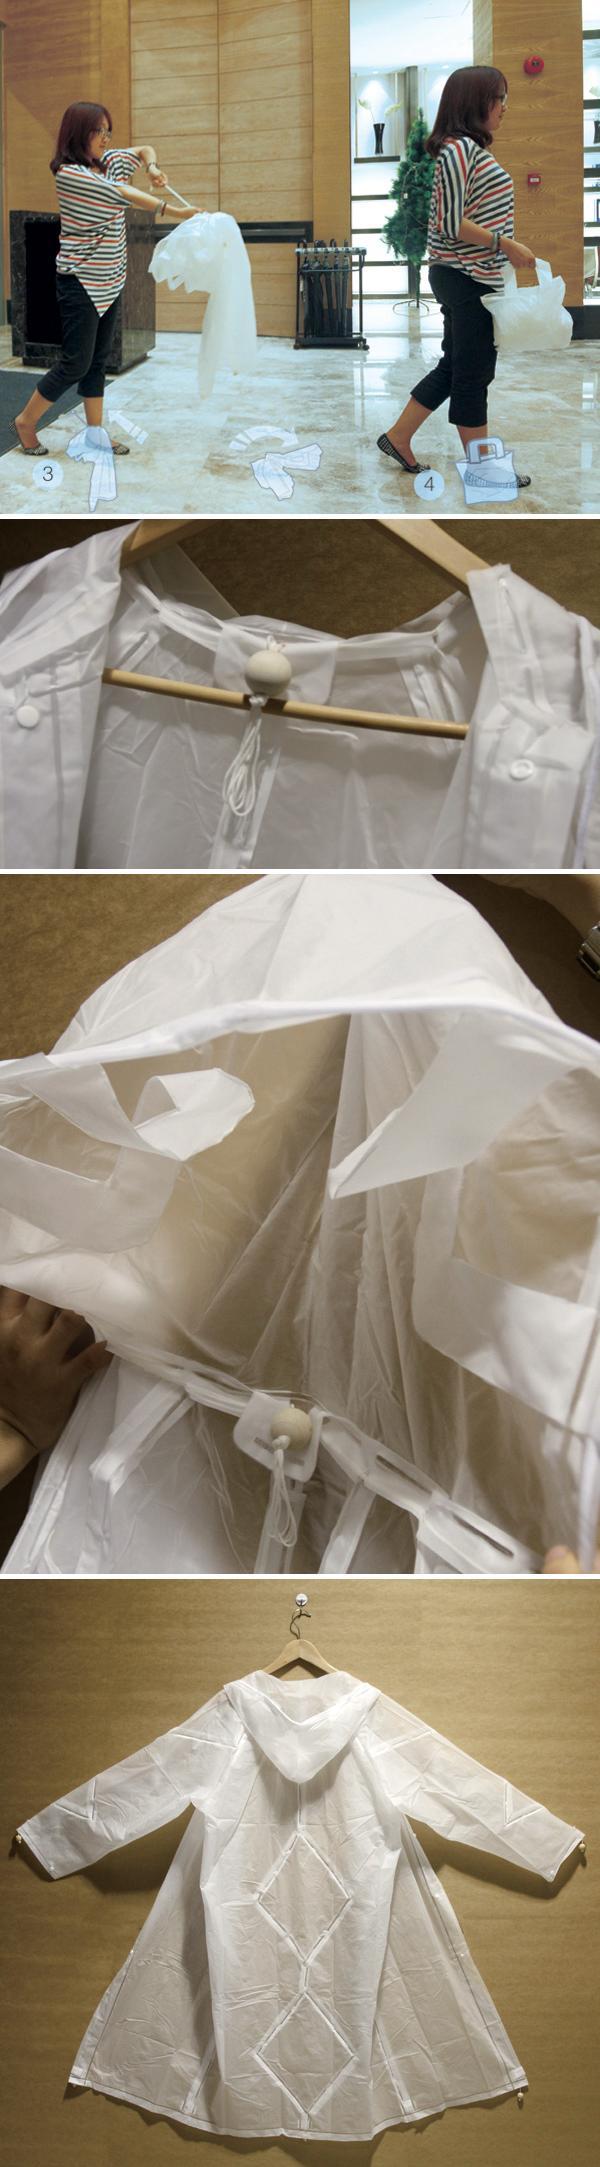 Плащ, который умеет превращаться в сумку